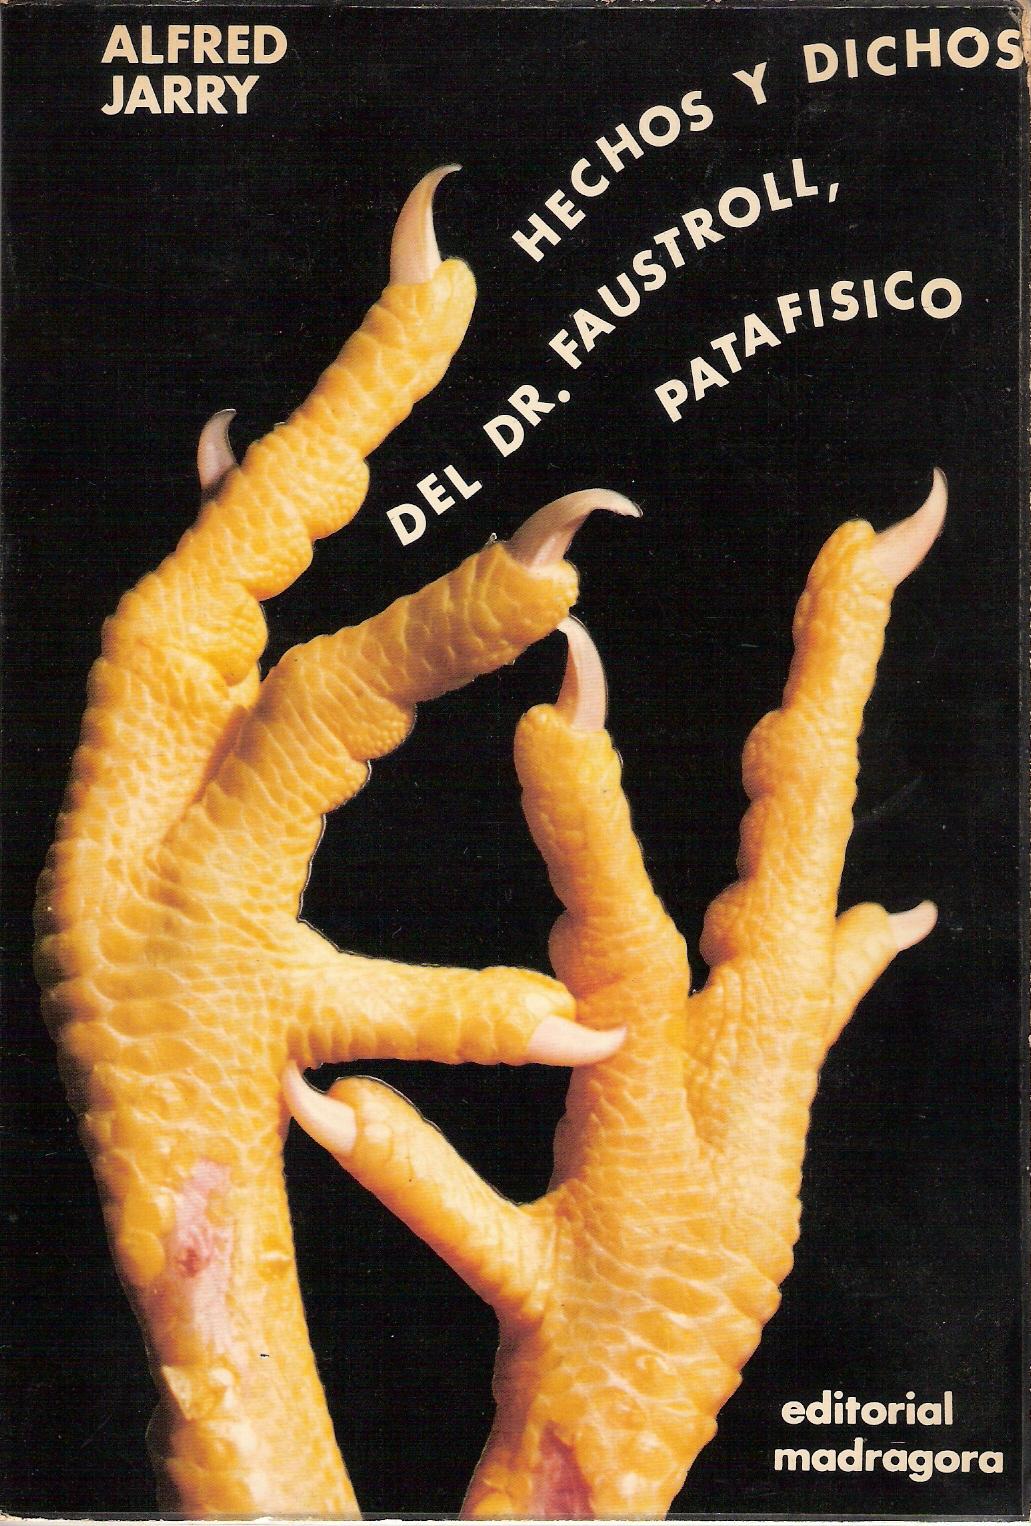 Hechos y dichos del Dr. Faustroll, patafísico